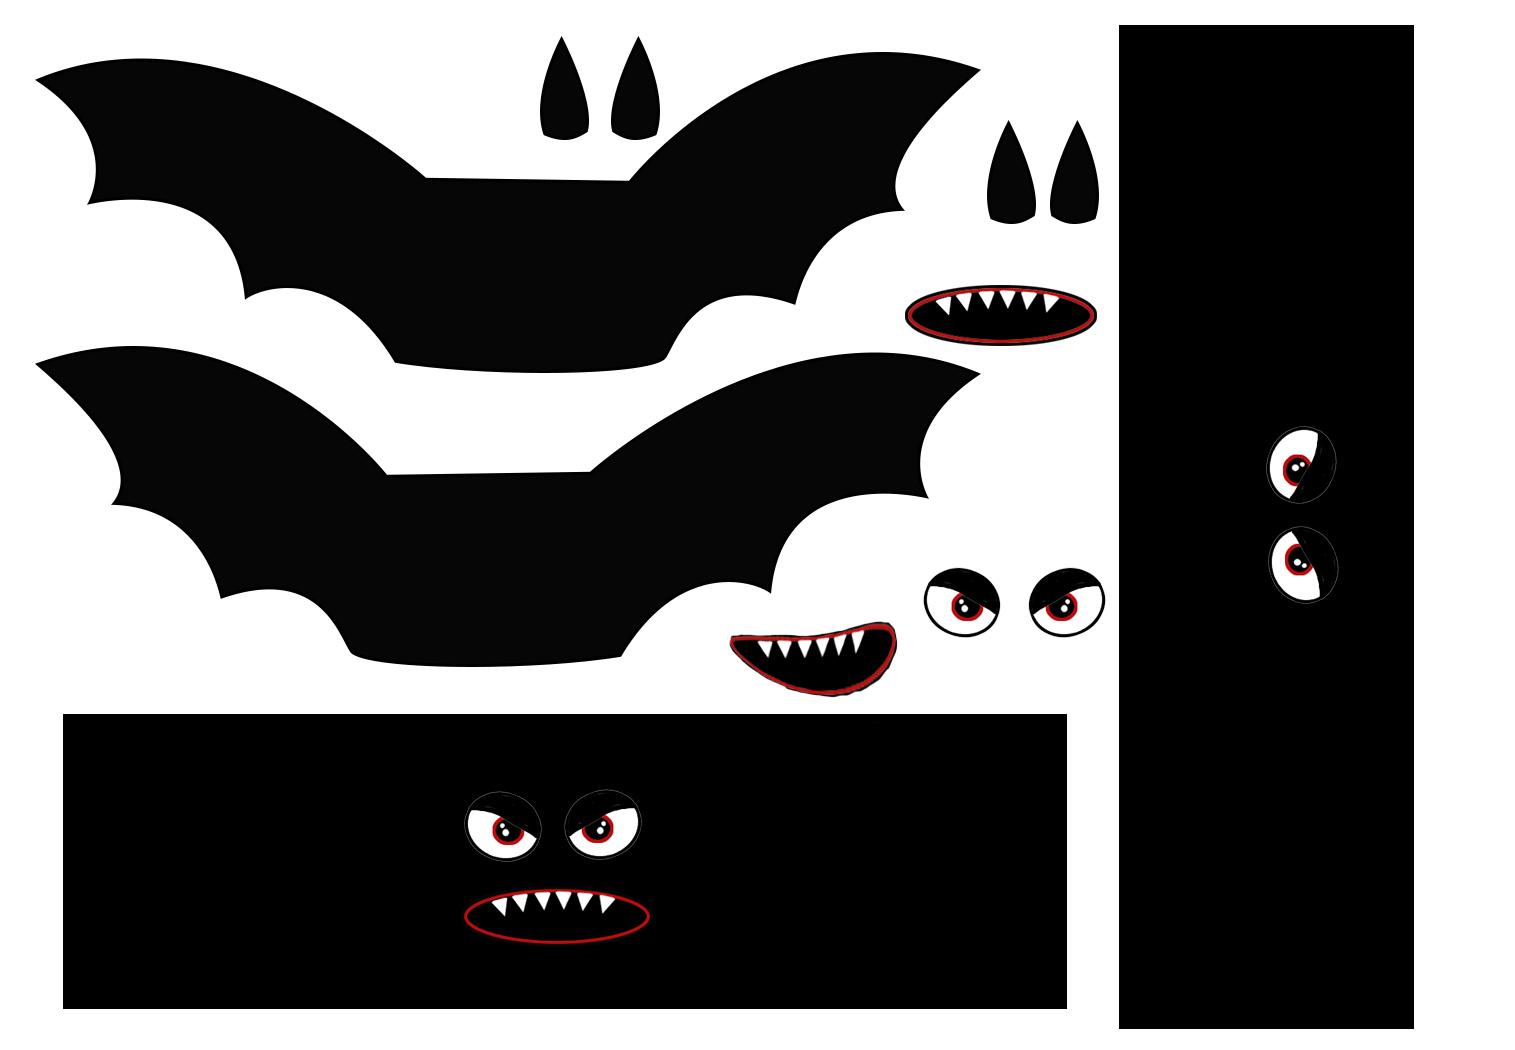 Halloween decorationg ideas bat template